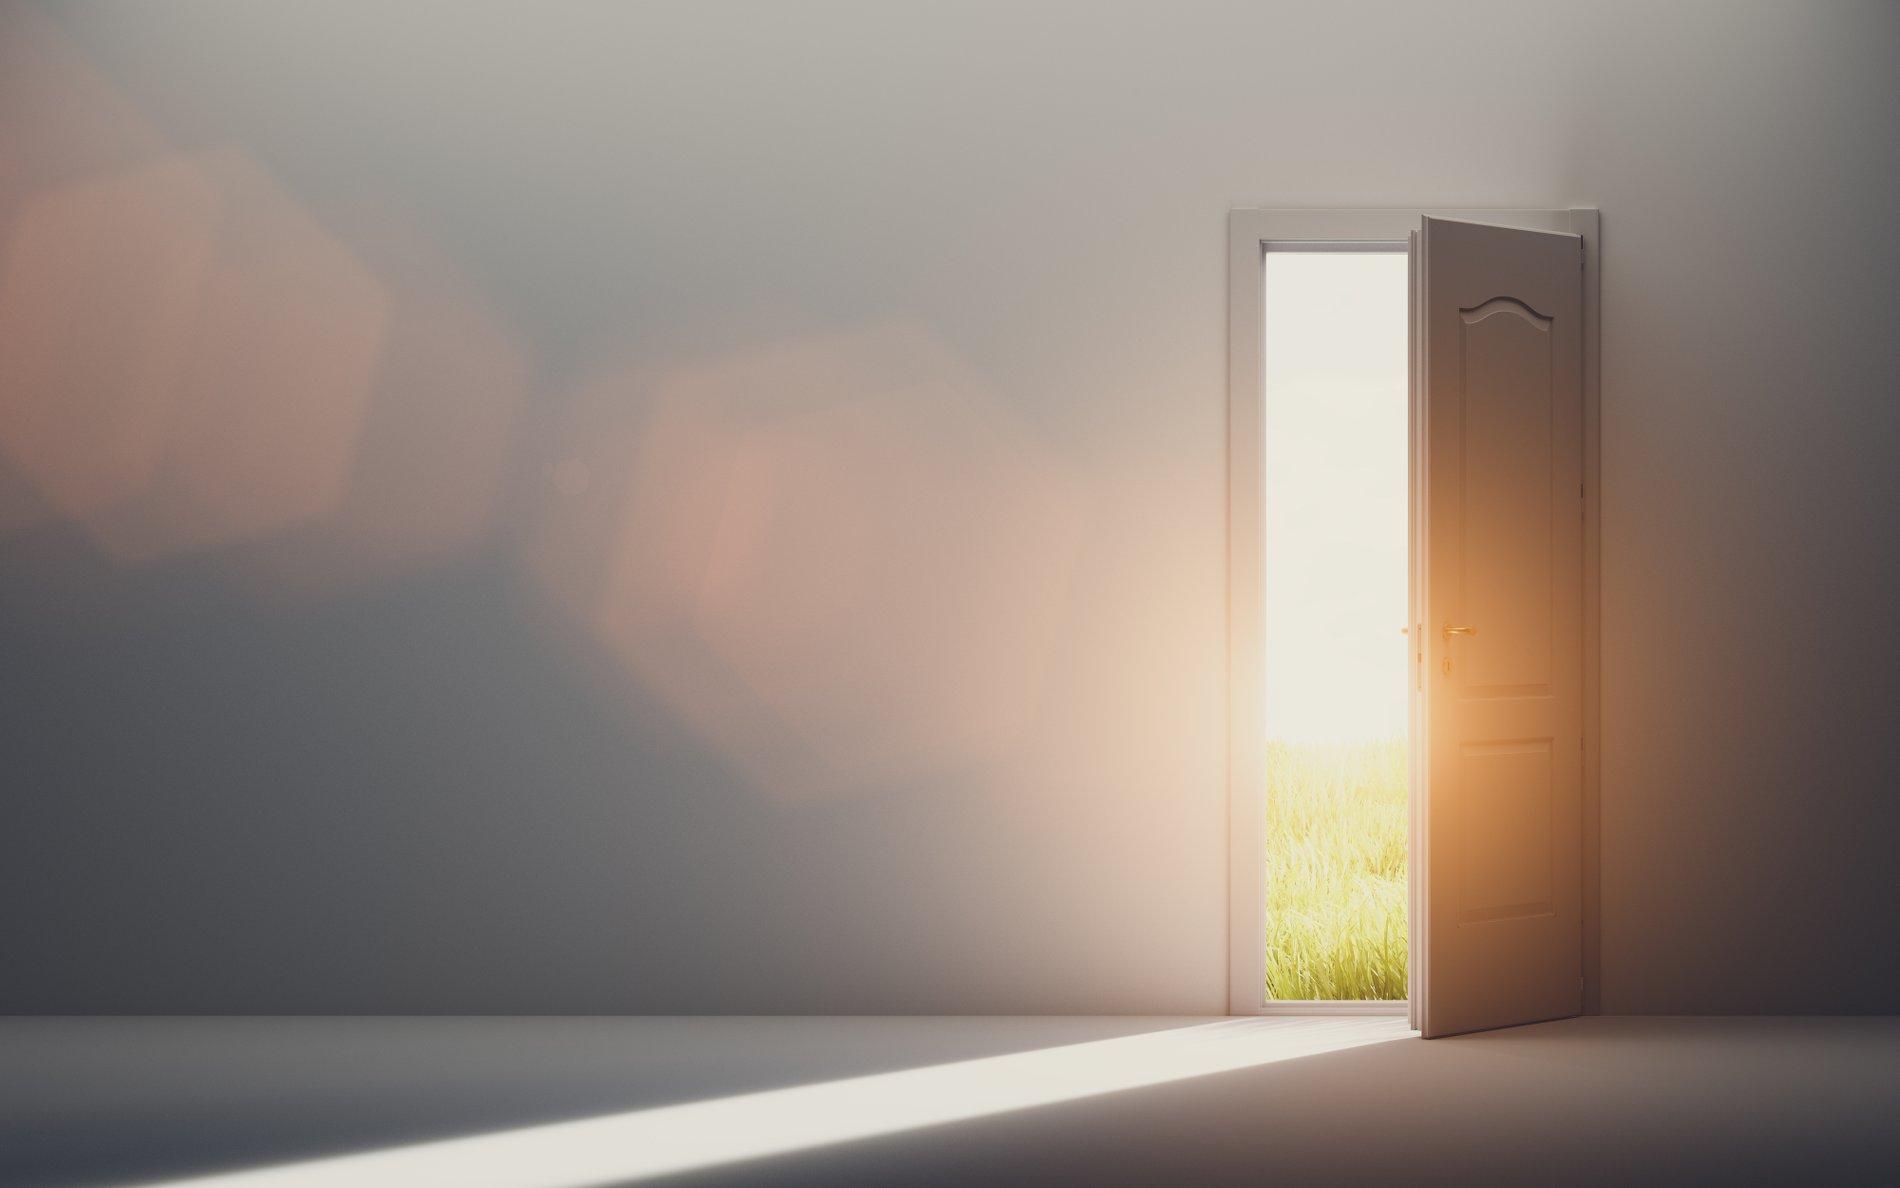 La peur circule – Quel est le rapport entre la peur et l'apprentissage ?